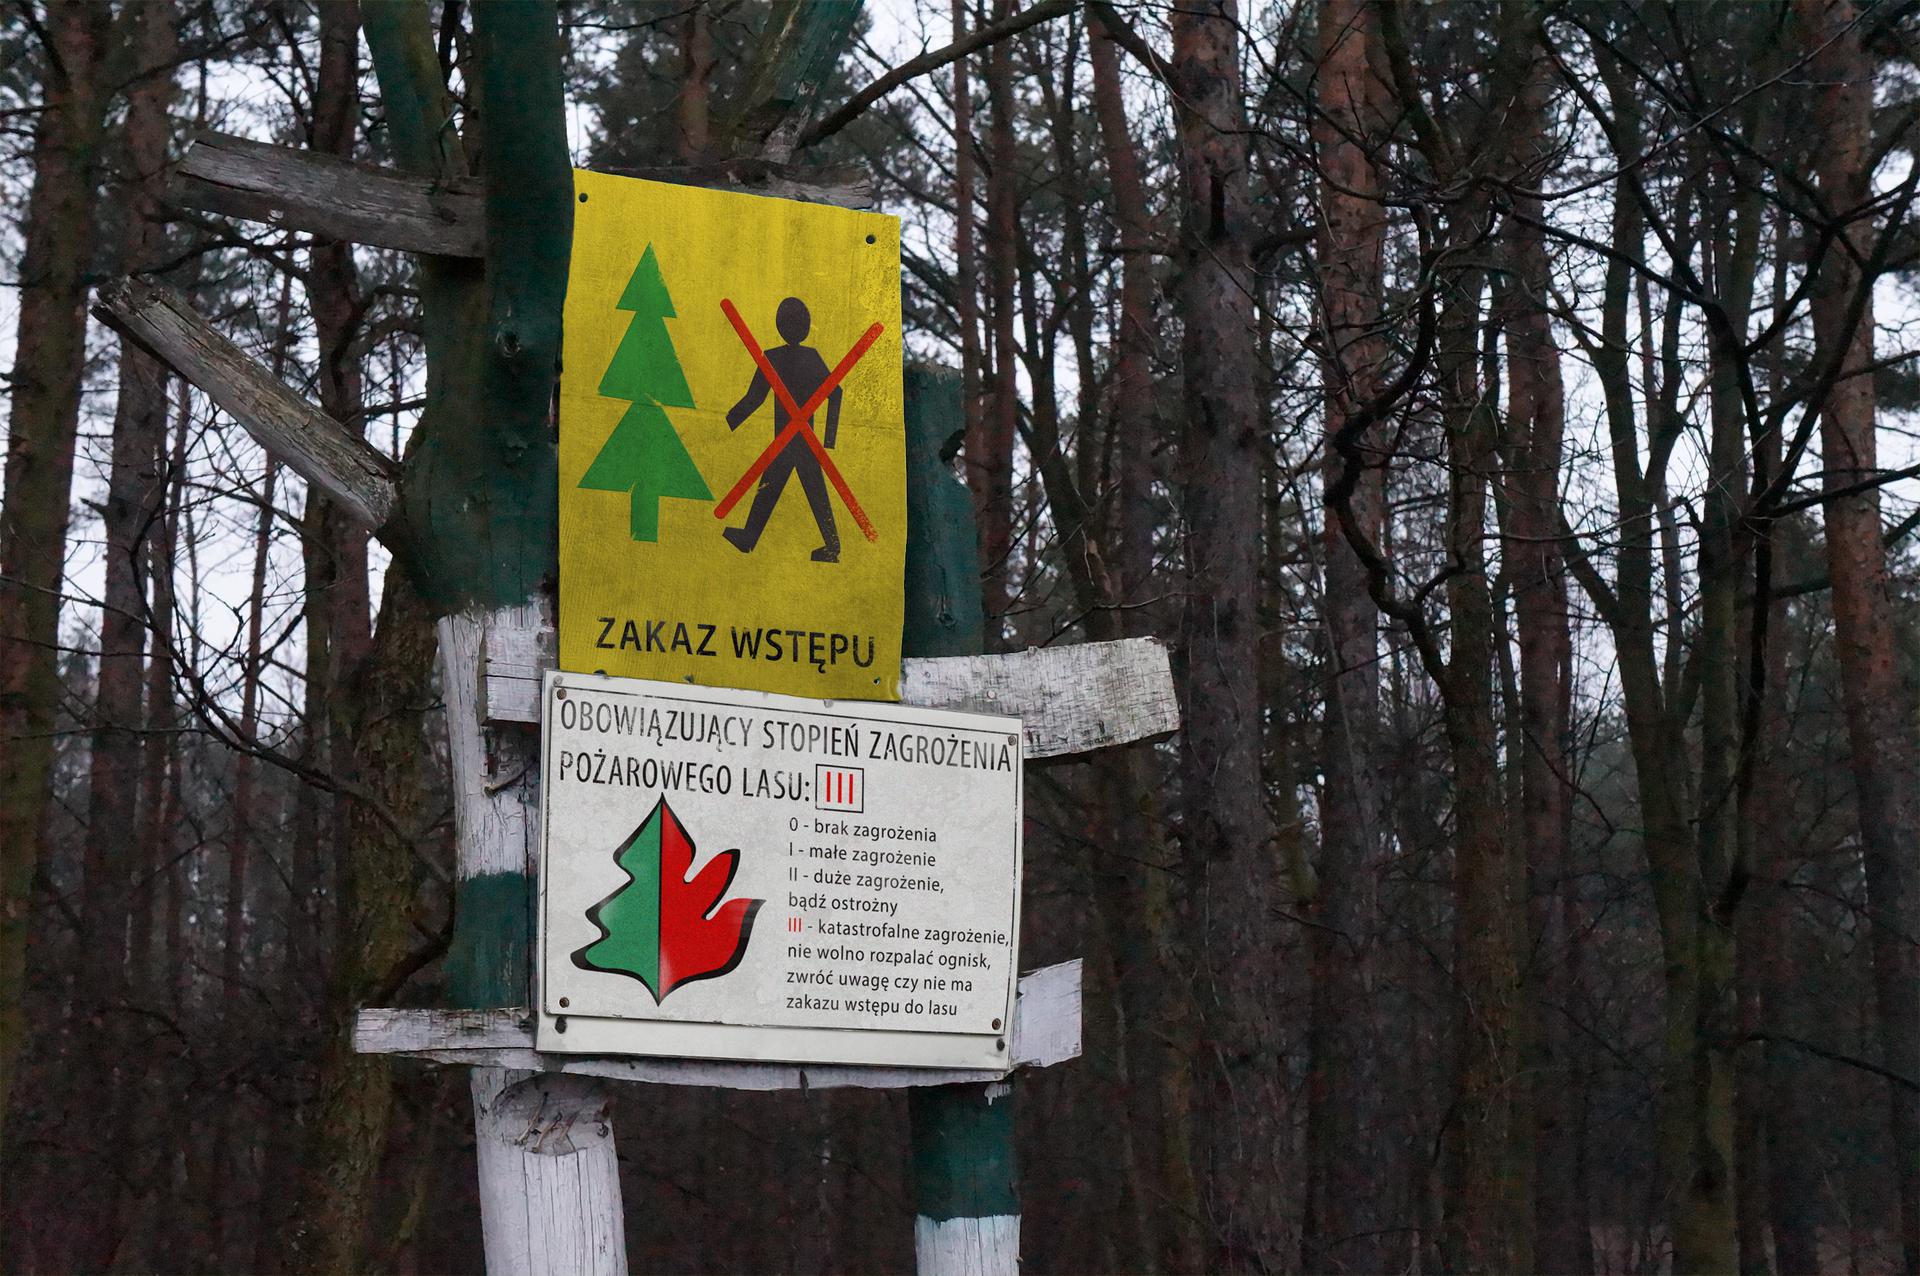 """Zdjęcie tabliczki informującej ostopniu zagrożenia pożarowego oraz tabliczka """"zakaz wstępu do lasu"""""""